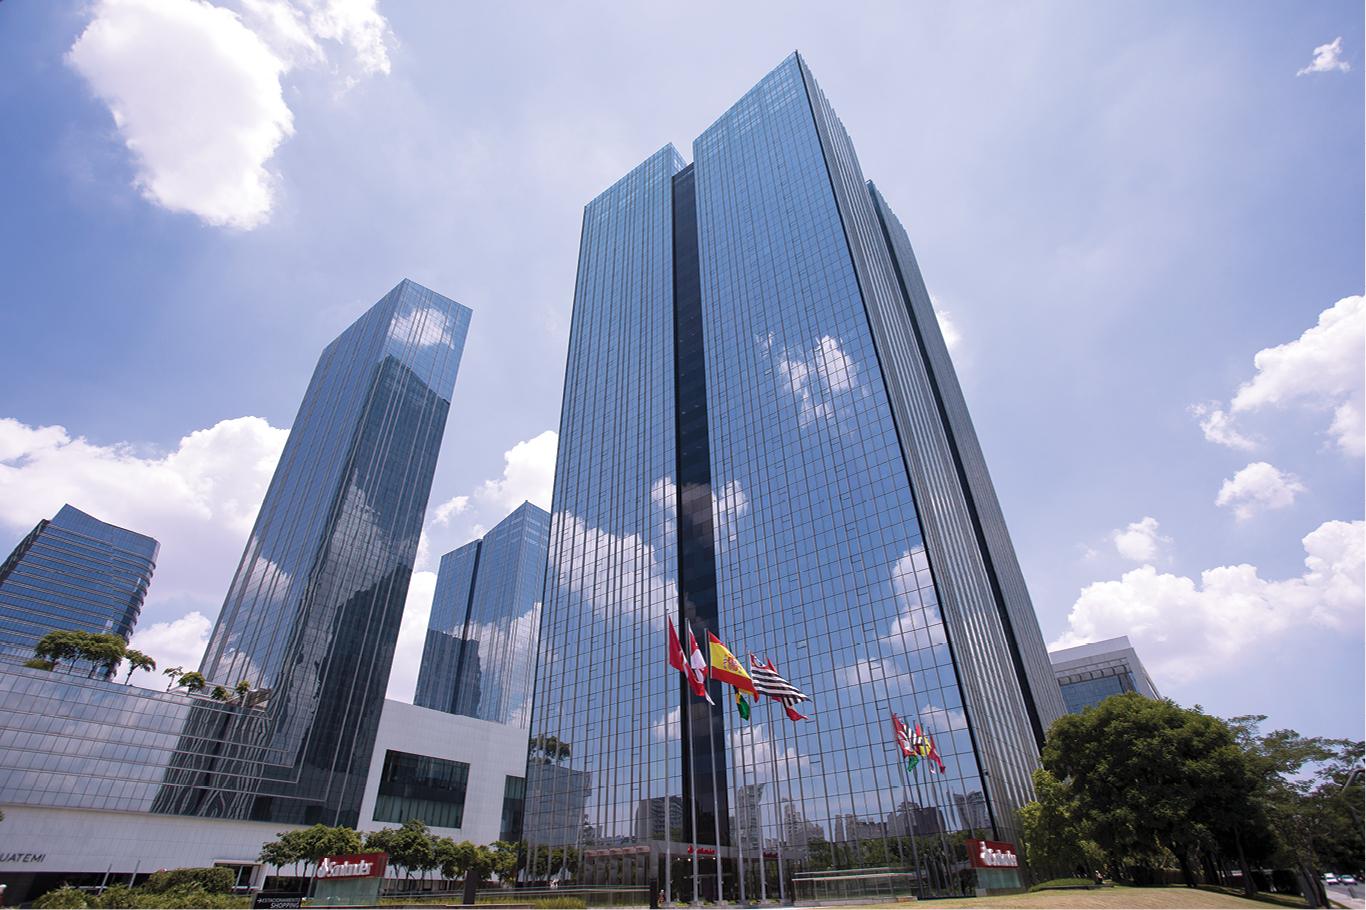 Fachada de um prédio espelhado na região da Faria Lima. Em frente, bandeiras de São Paulo, Brasil e Espanha.